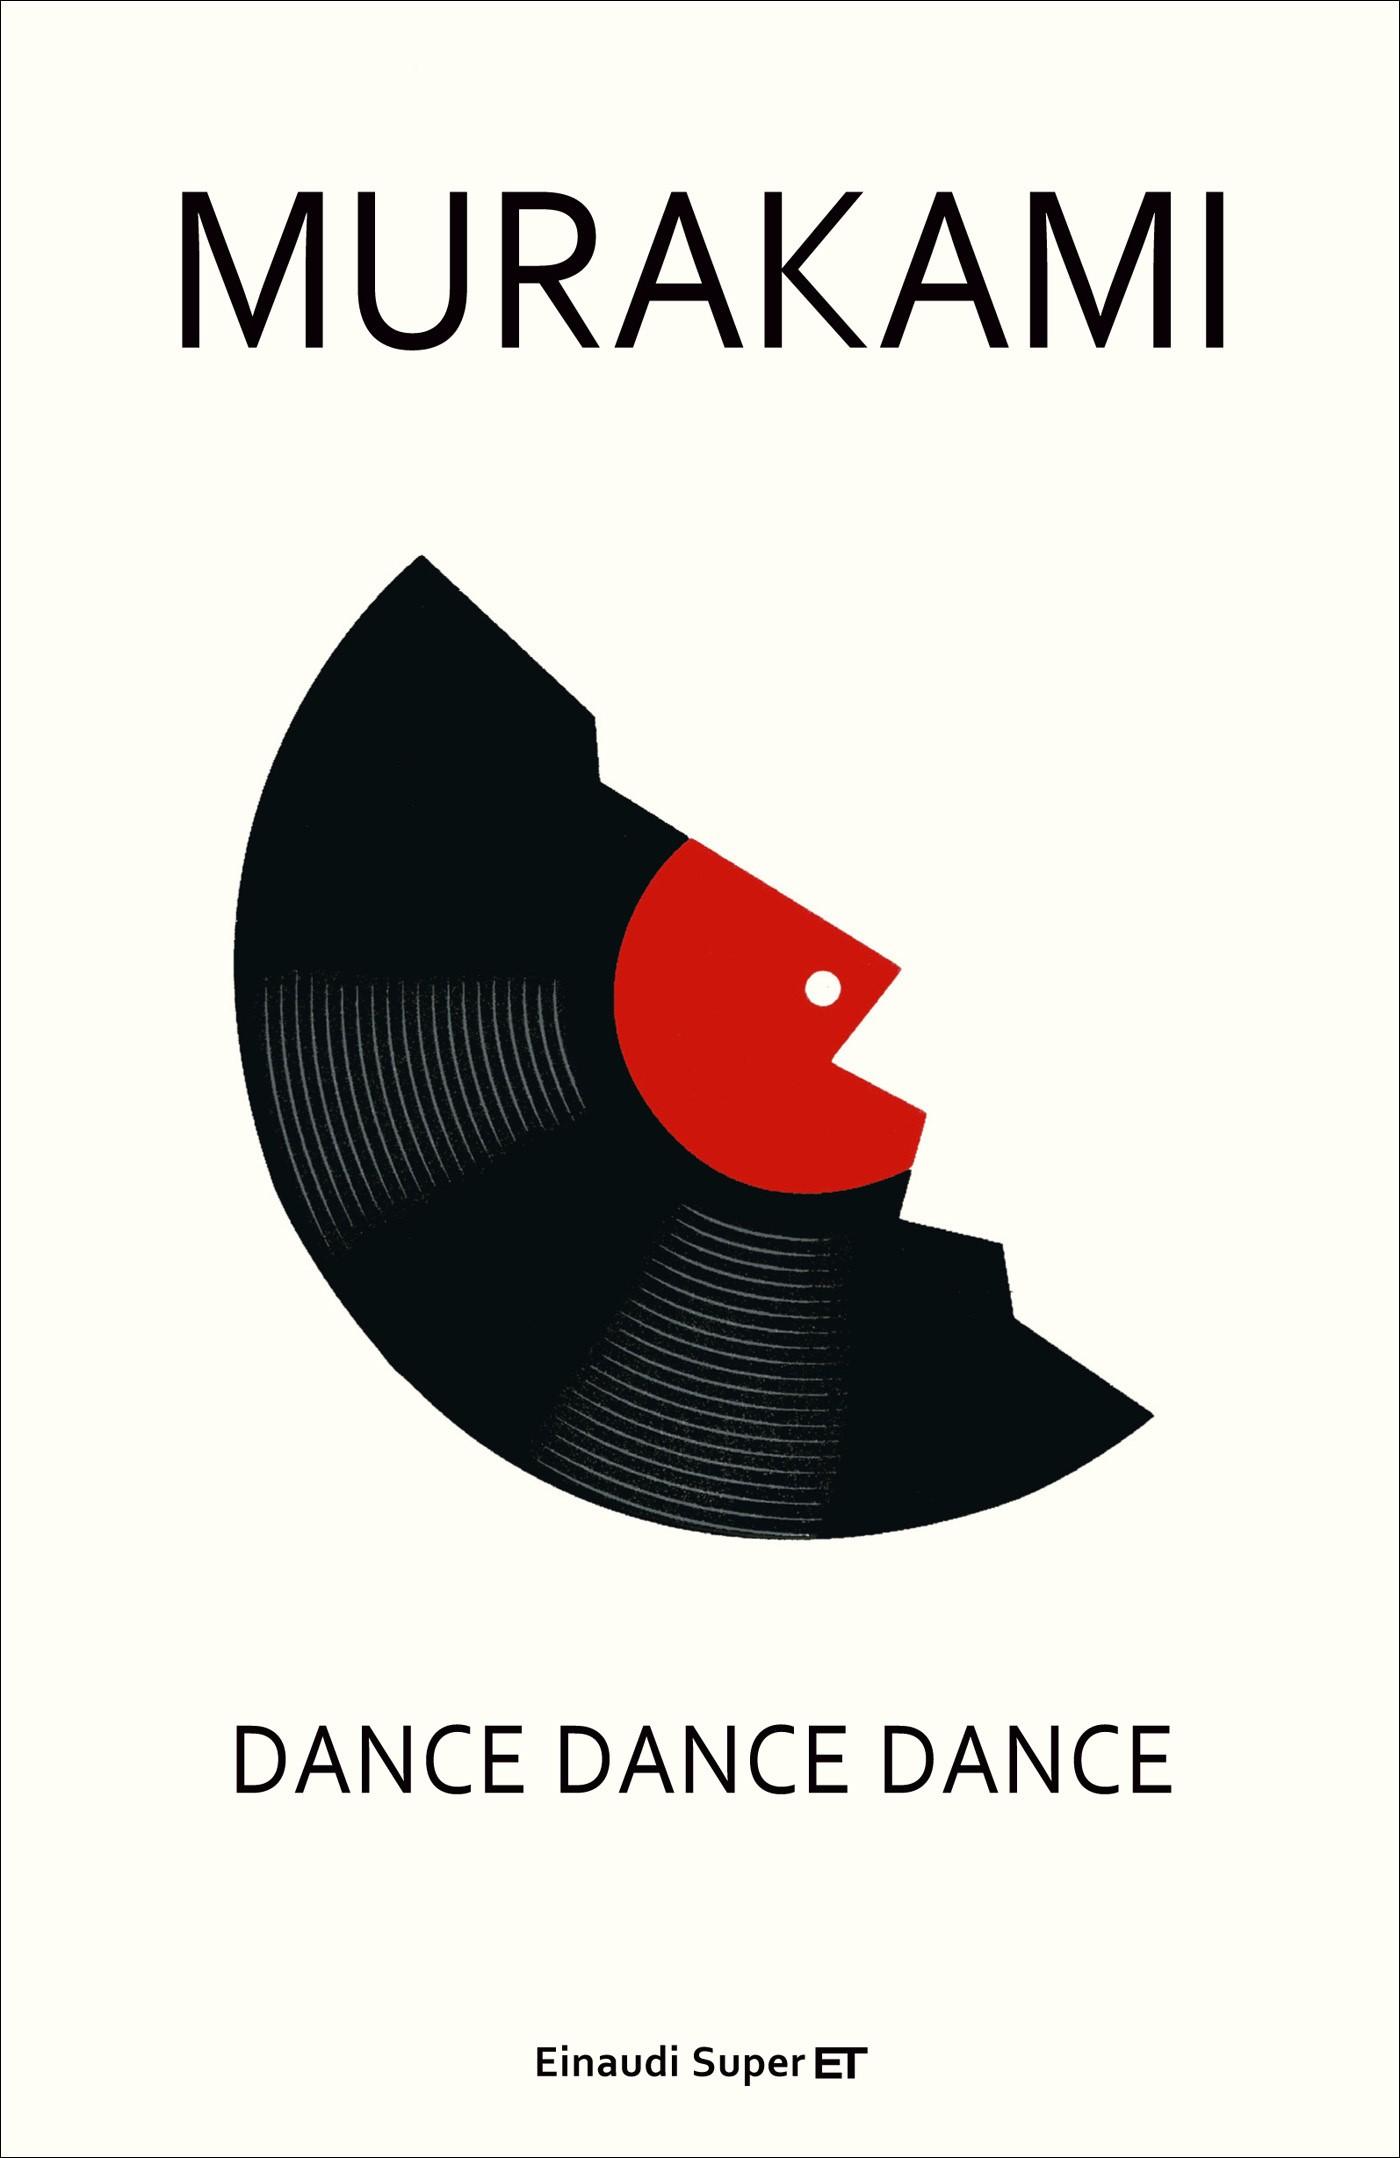 Murakami Dance dance dance